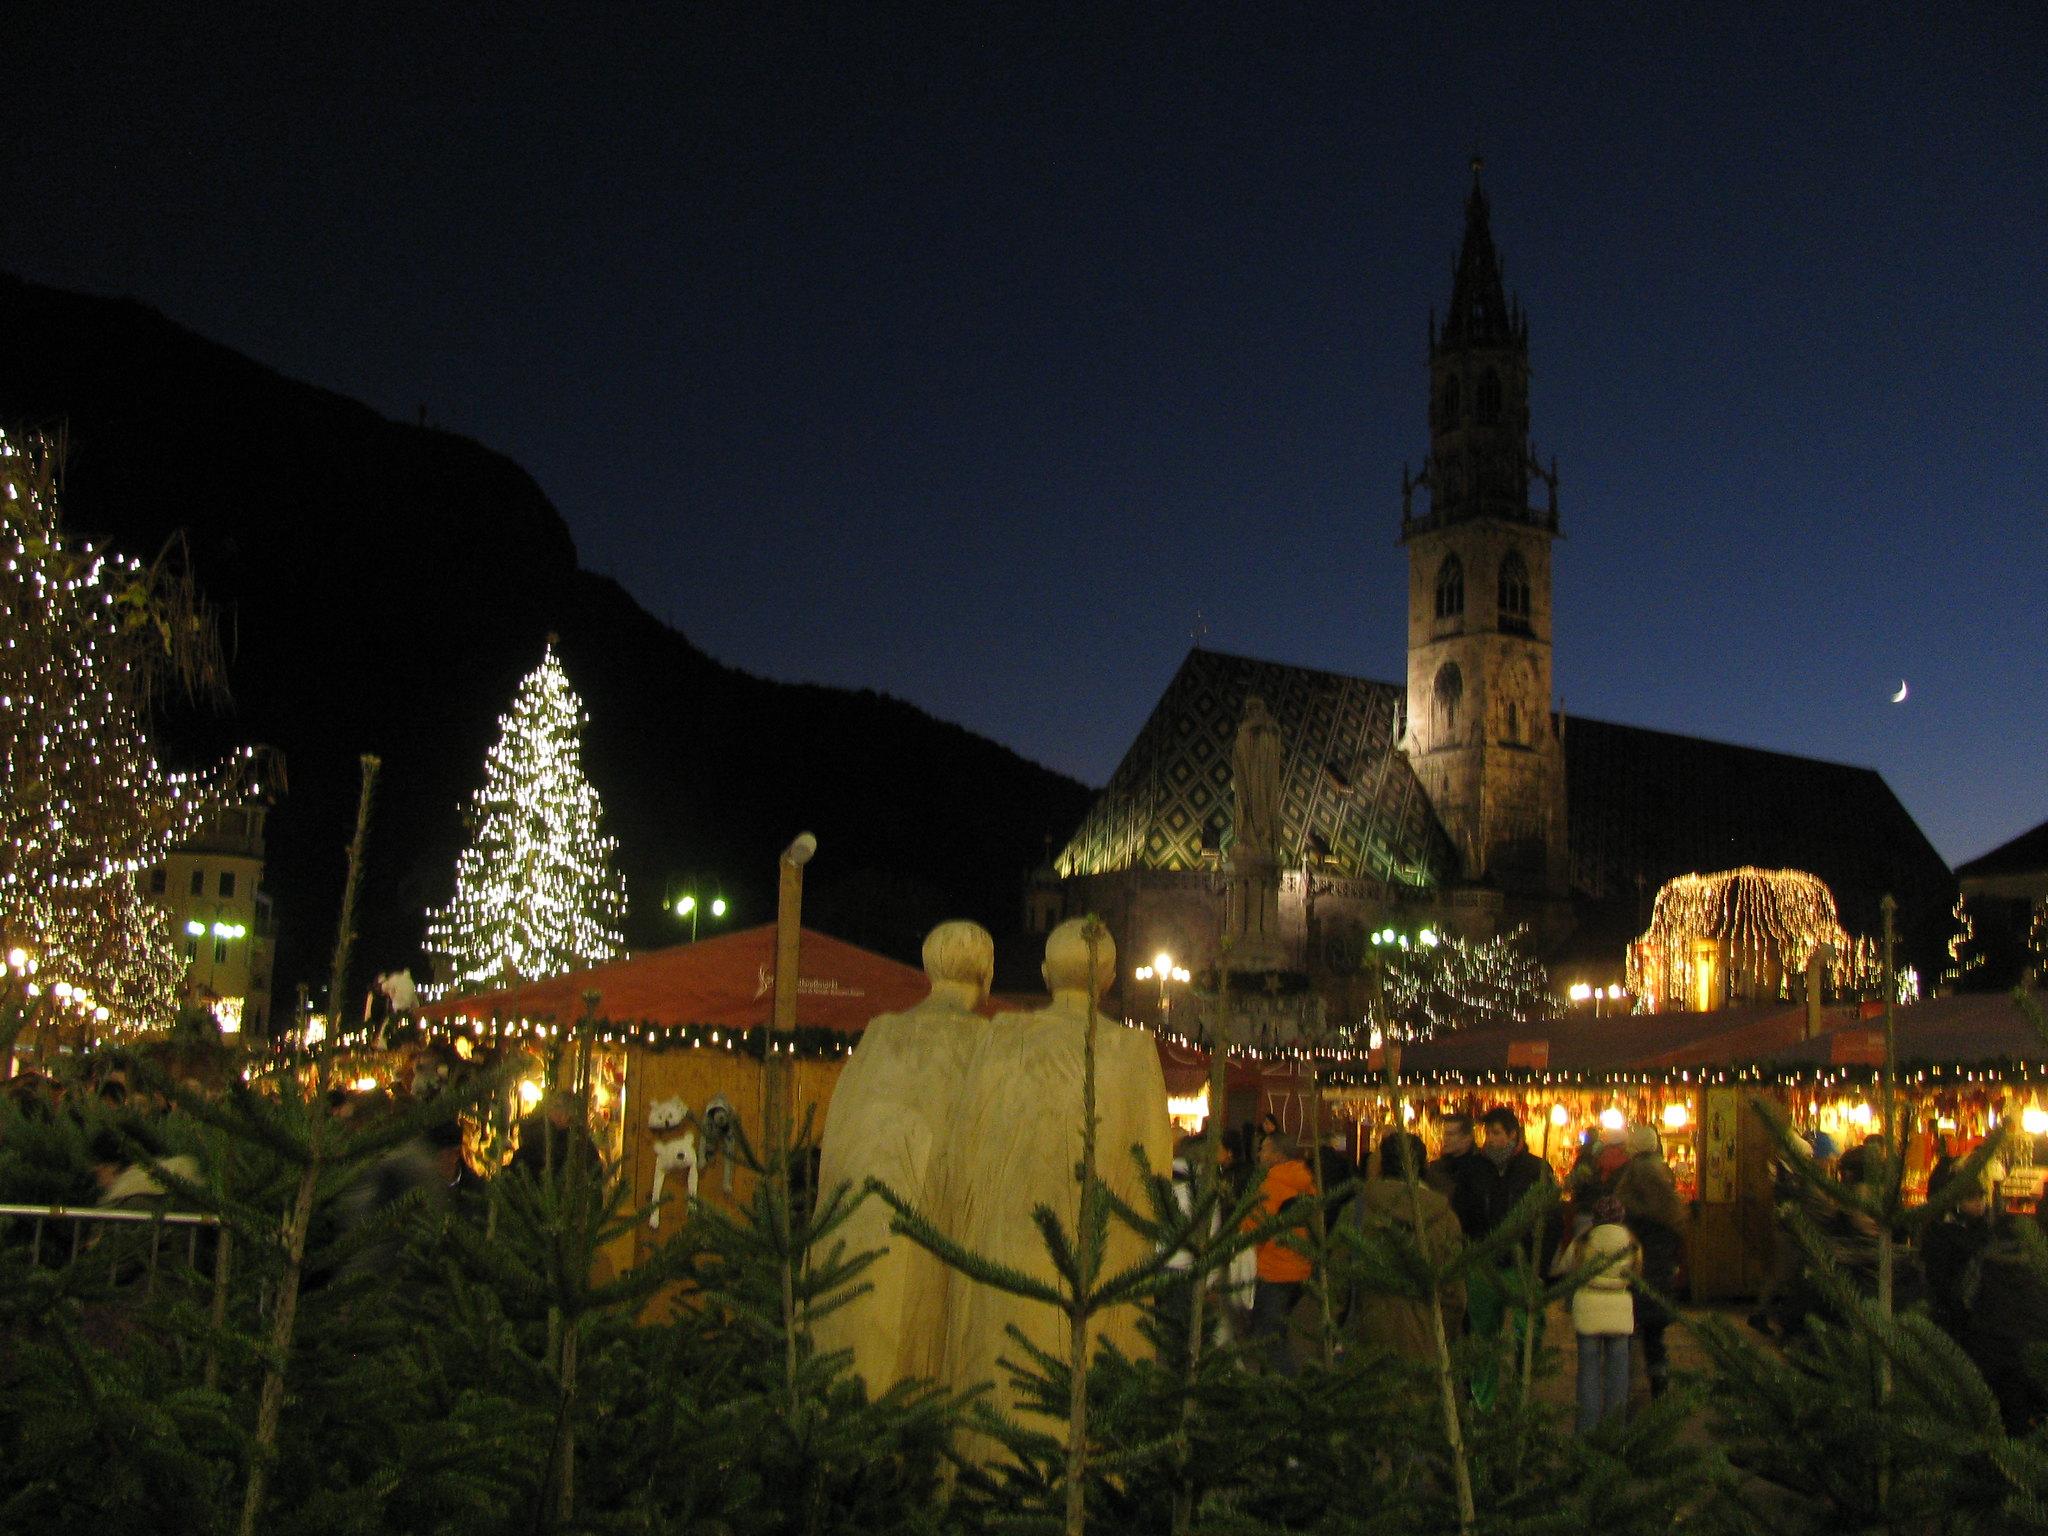 Mercatini di Natale 2019 a Bolzano